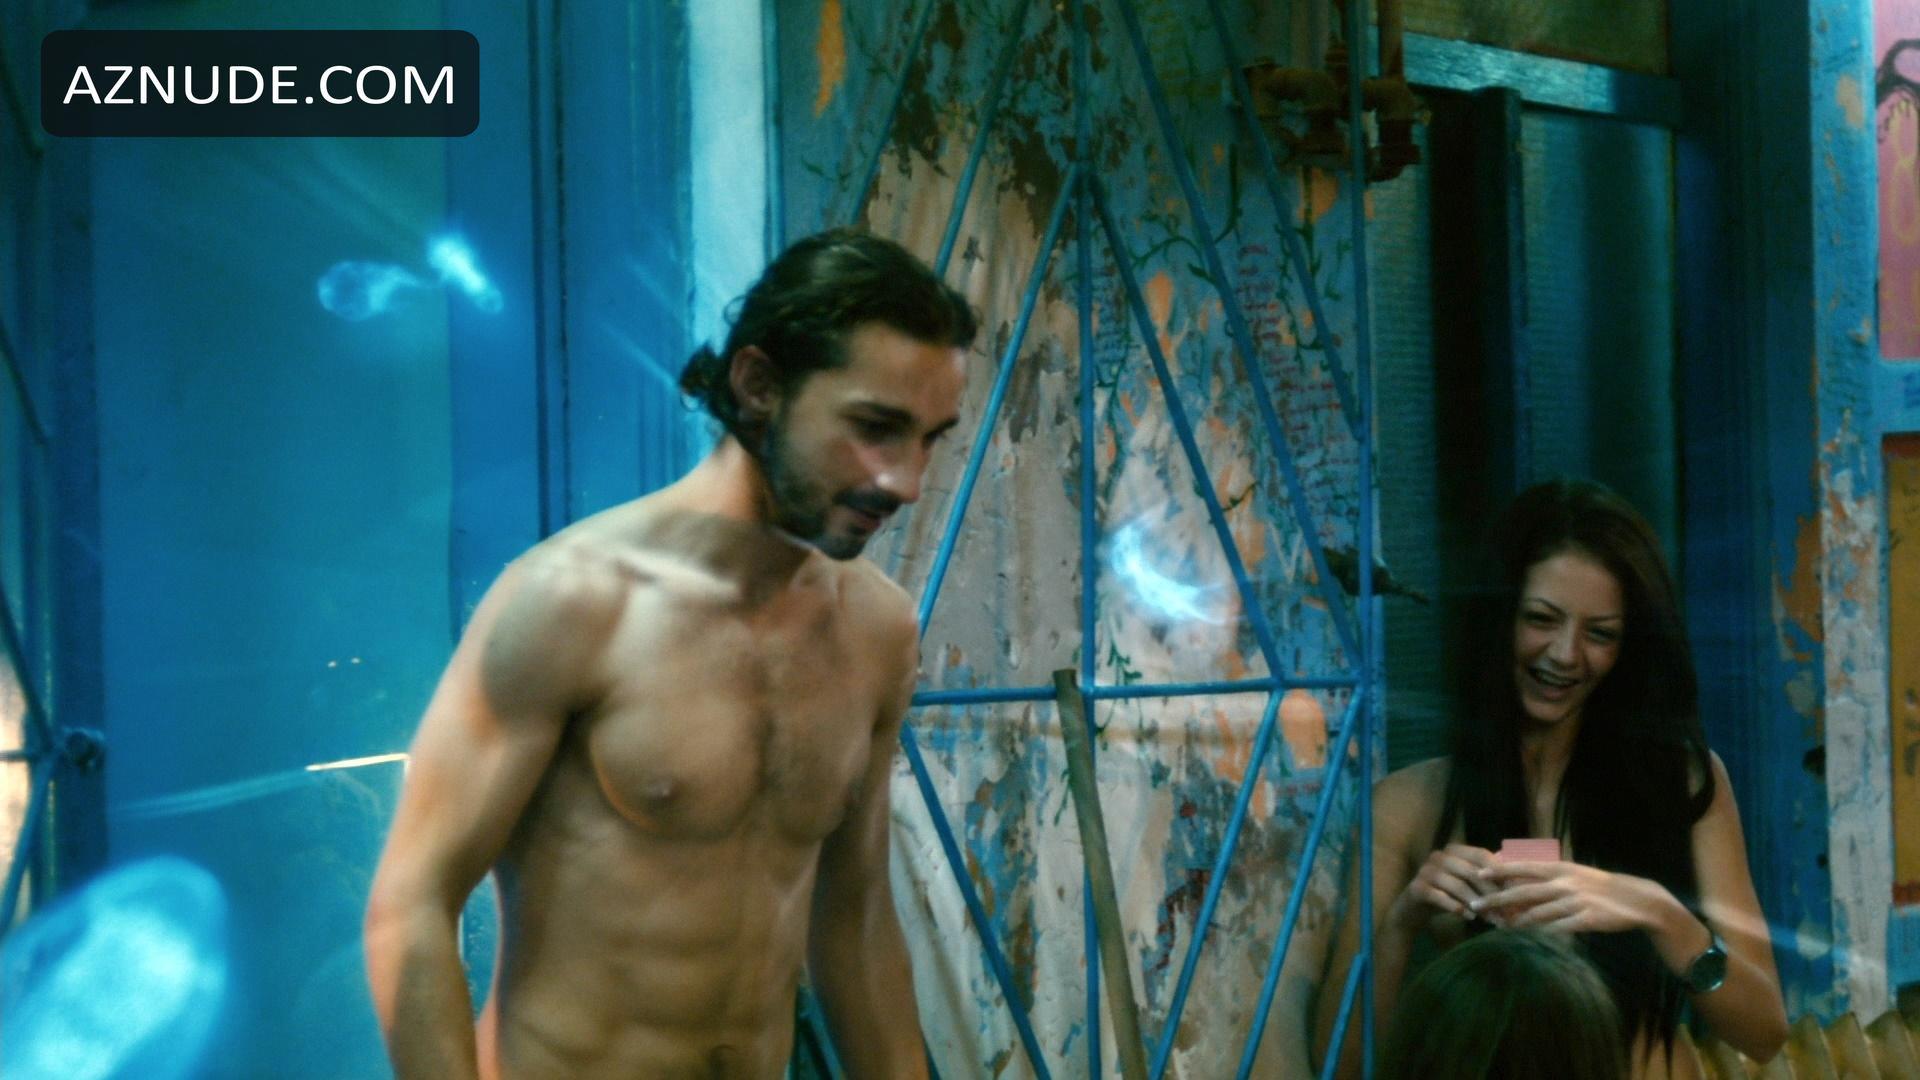 Charlie Countryman Nude Scenes - Aznude Men-9886